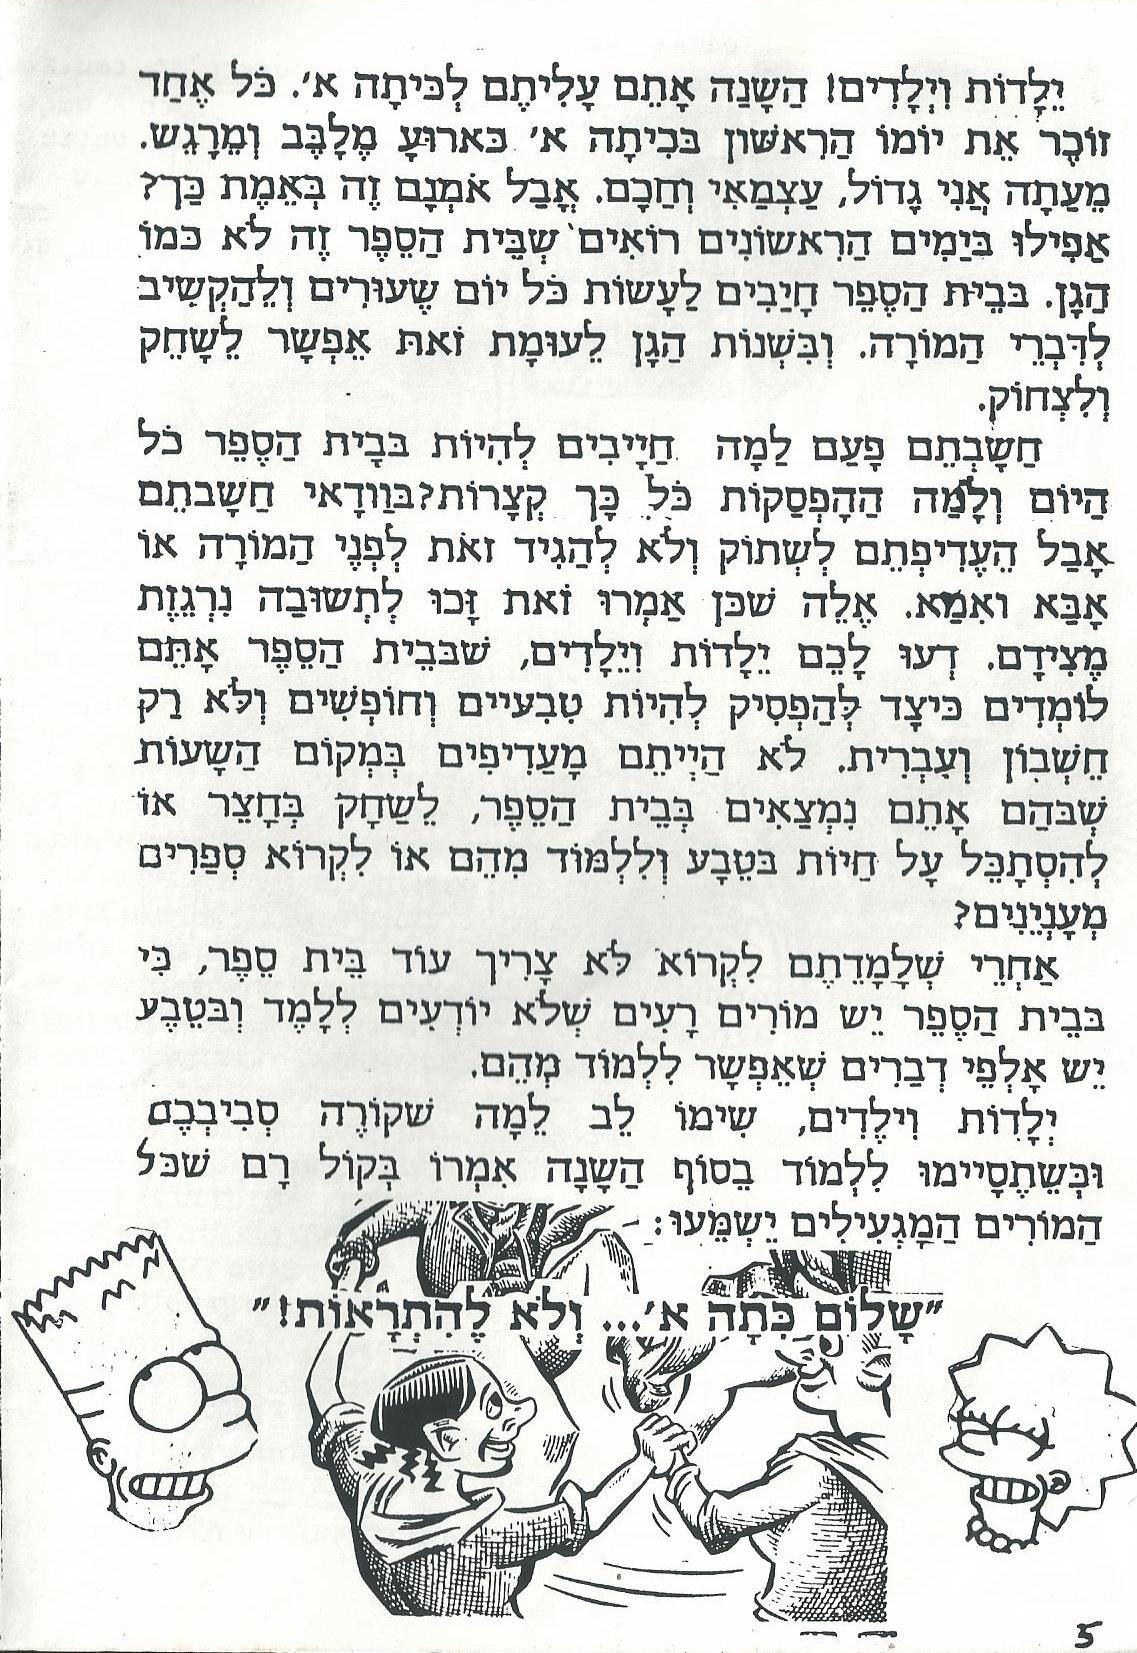 פורסם בחודש מרץ 1997 בגיליון #אינסוף של הפנזין AM שראה אור בהוצאה לאור המיתולוגית הוצאתצירופימקרים.